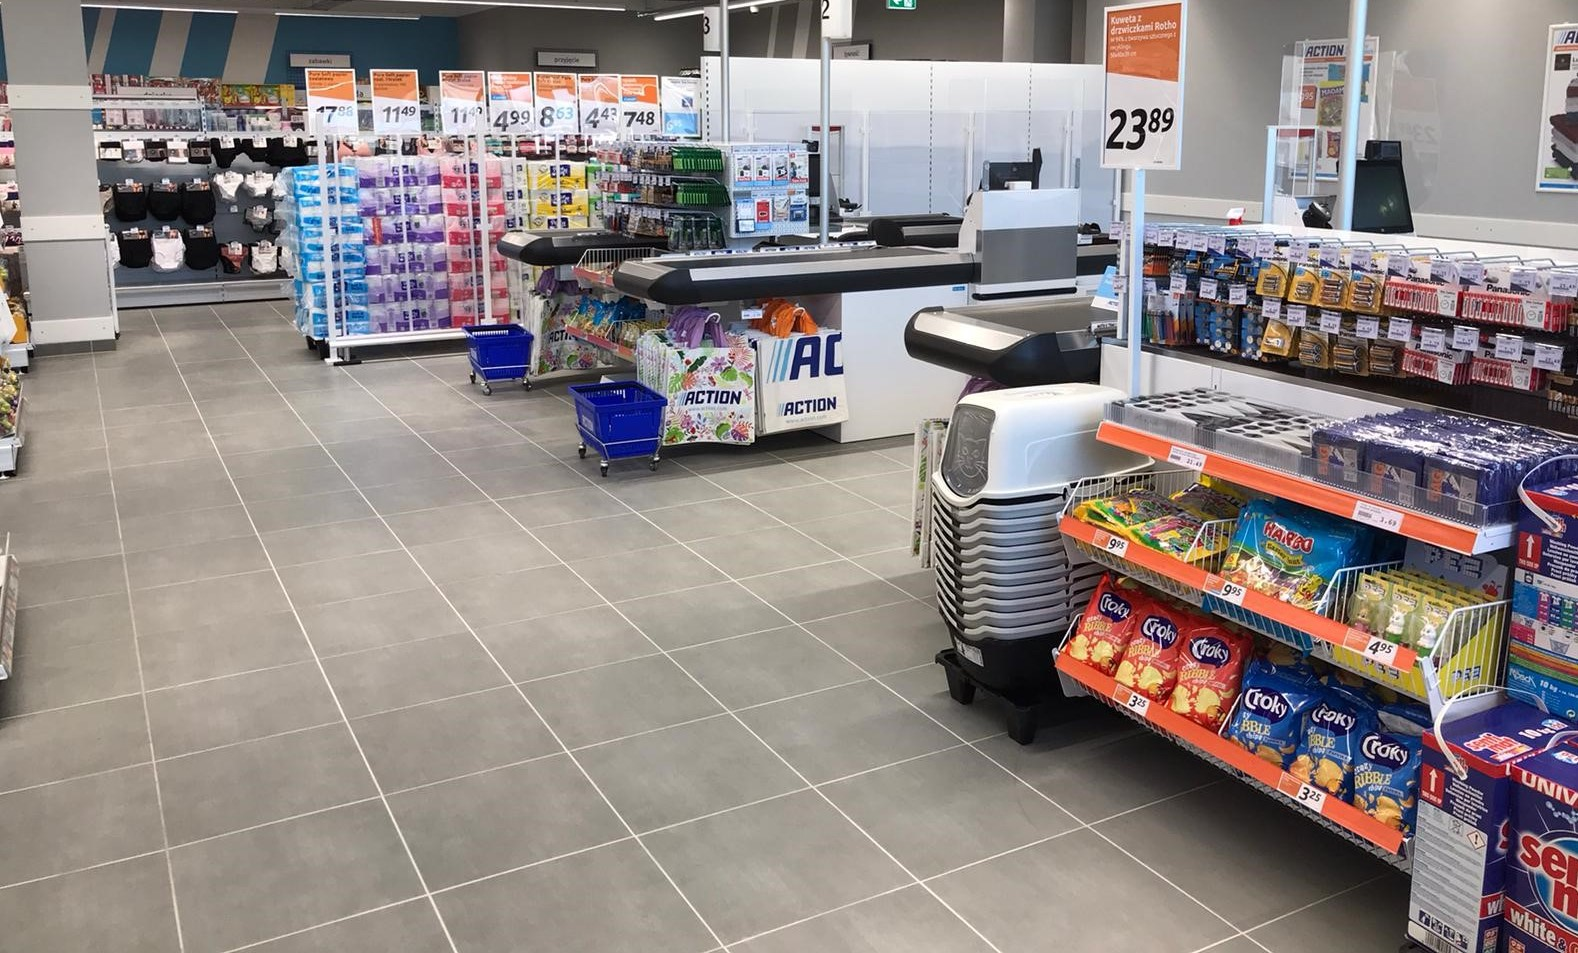 Sieć dyskontów Action otwiera sklep w Krakowie